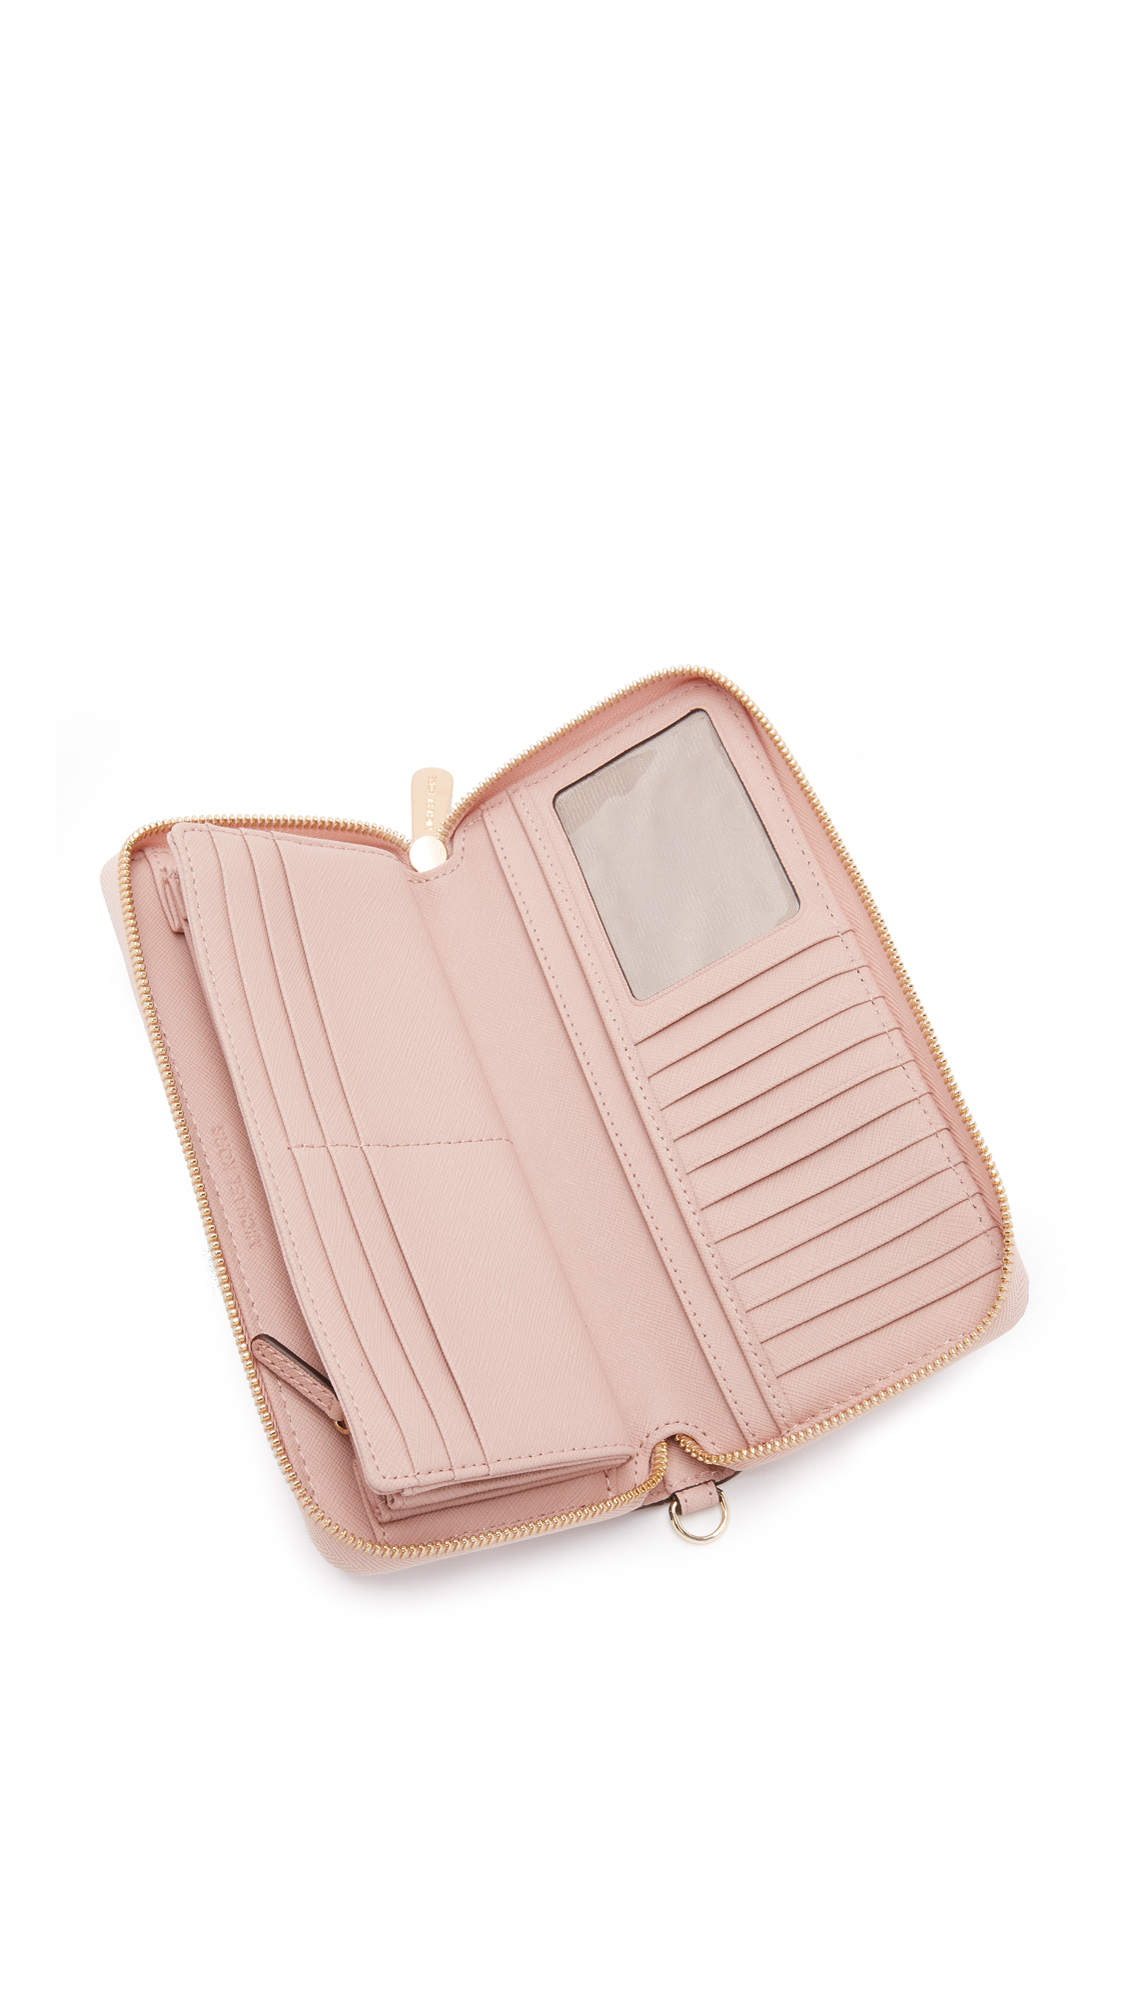 bbd0c497d2e3 MICHAEL Michael Kors Jet Set Large Phone Case Wallet - Ballet in ...